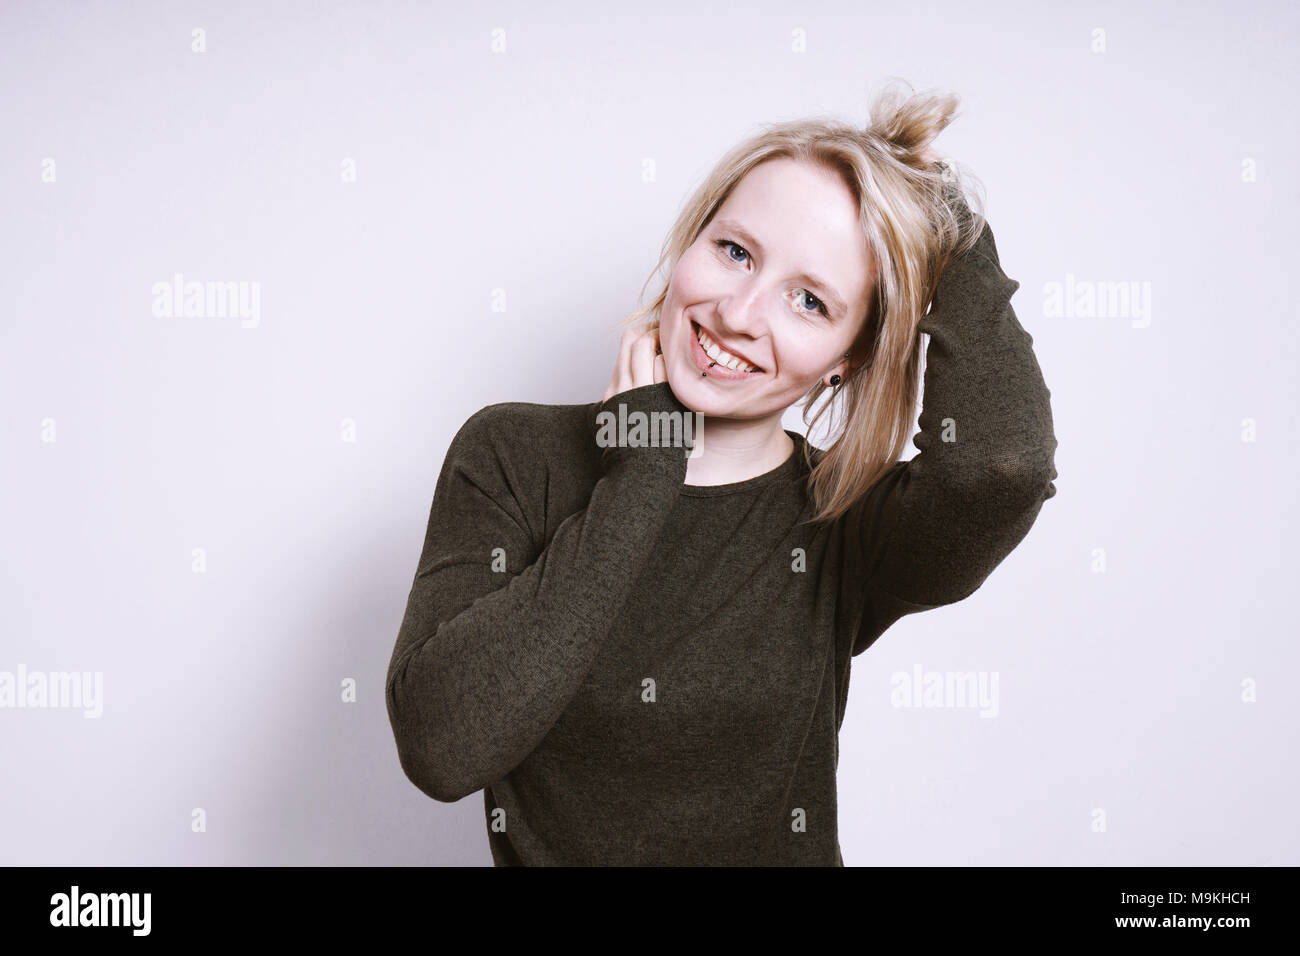 Feliz joven sonriente con las manos en el cabello Foto de stock